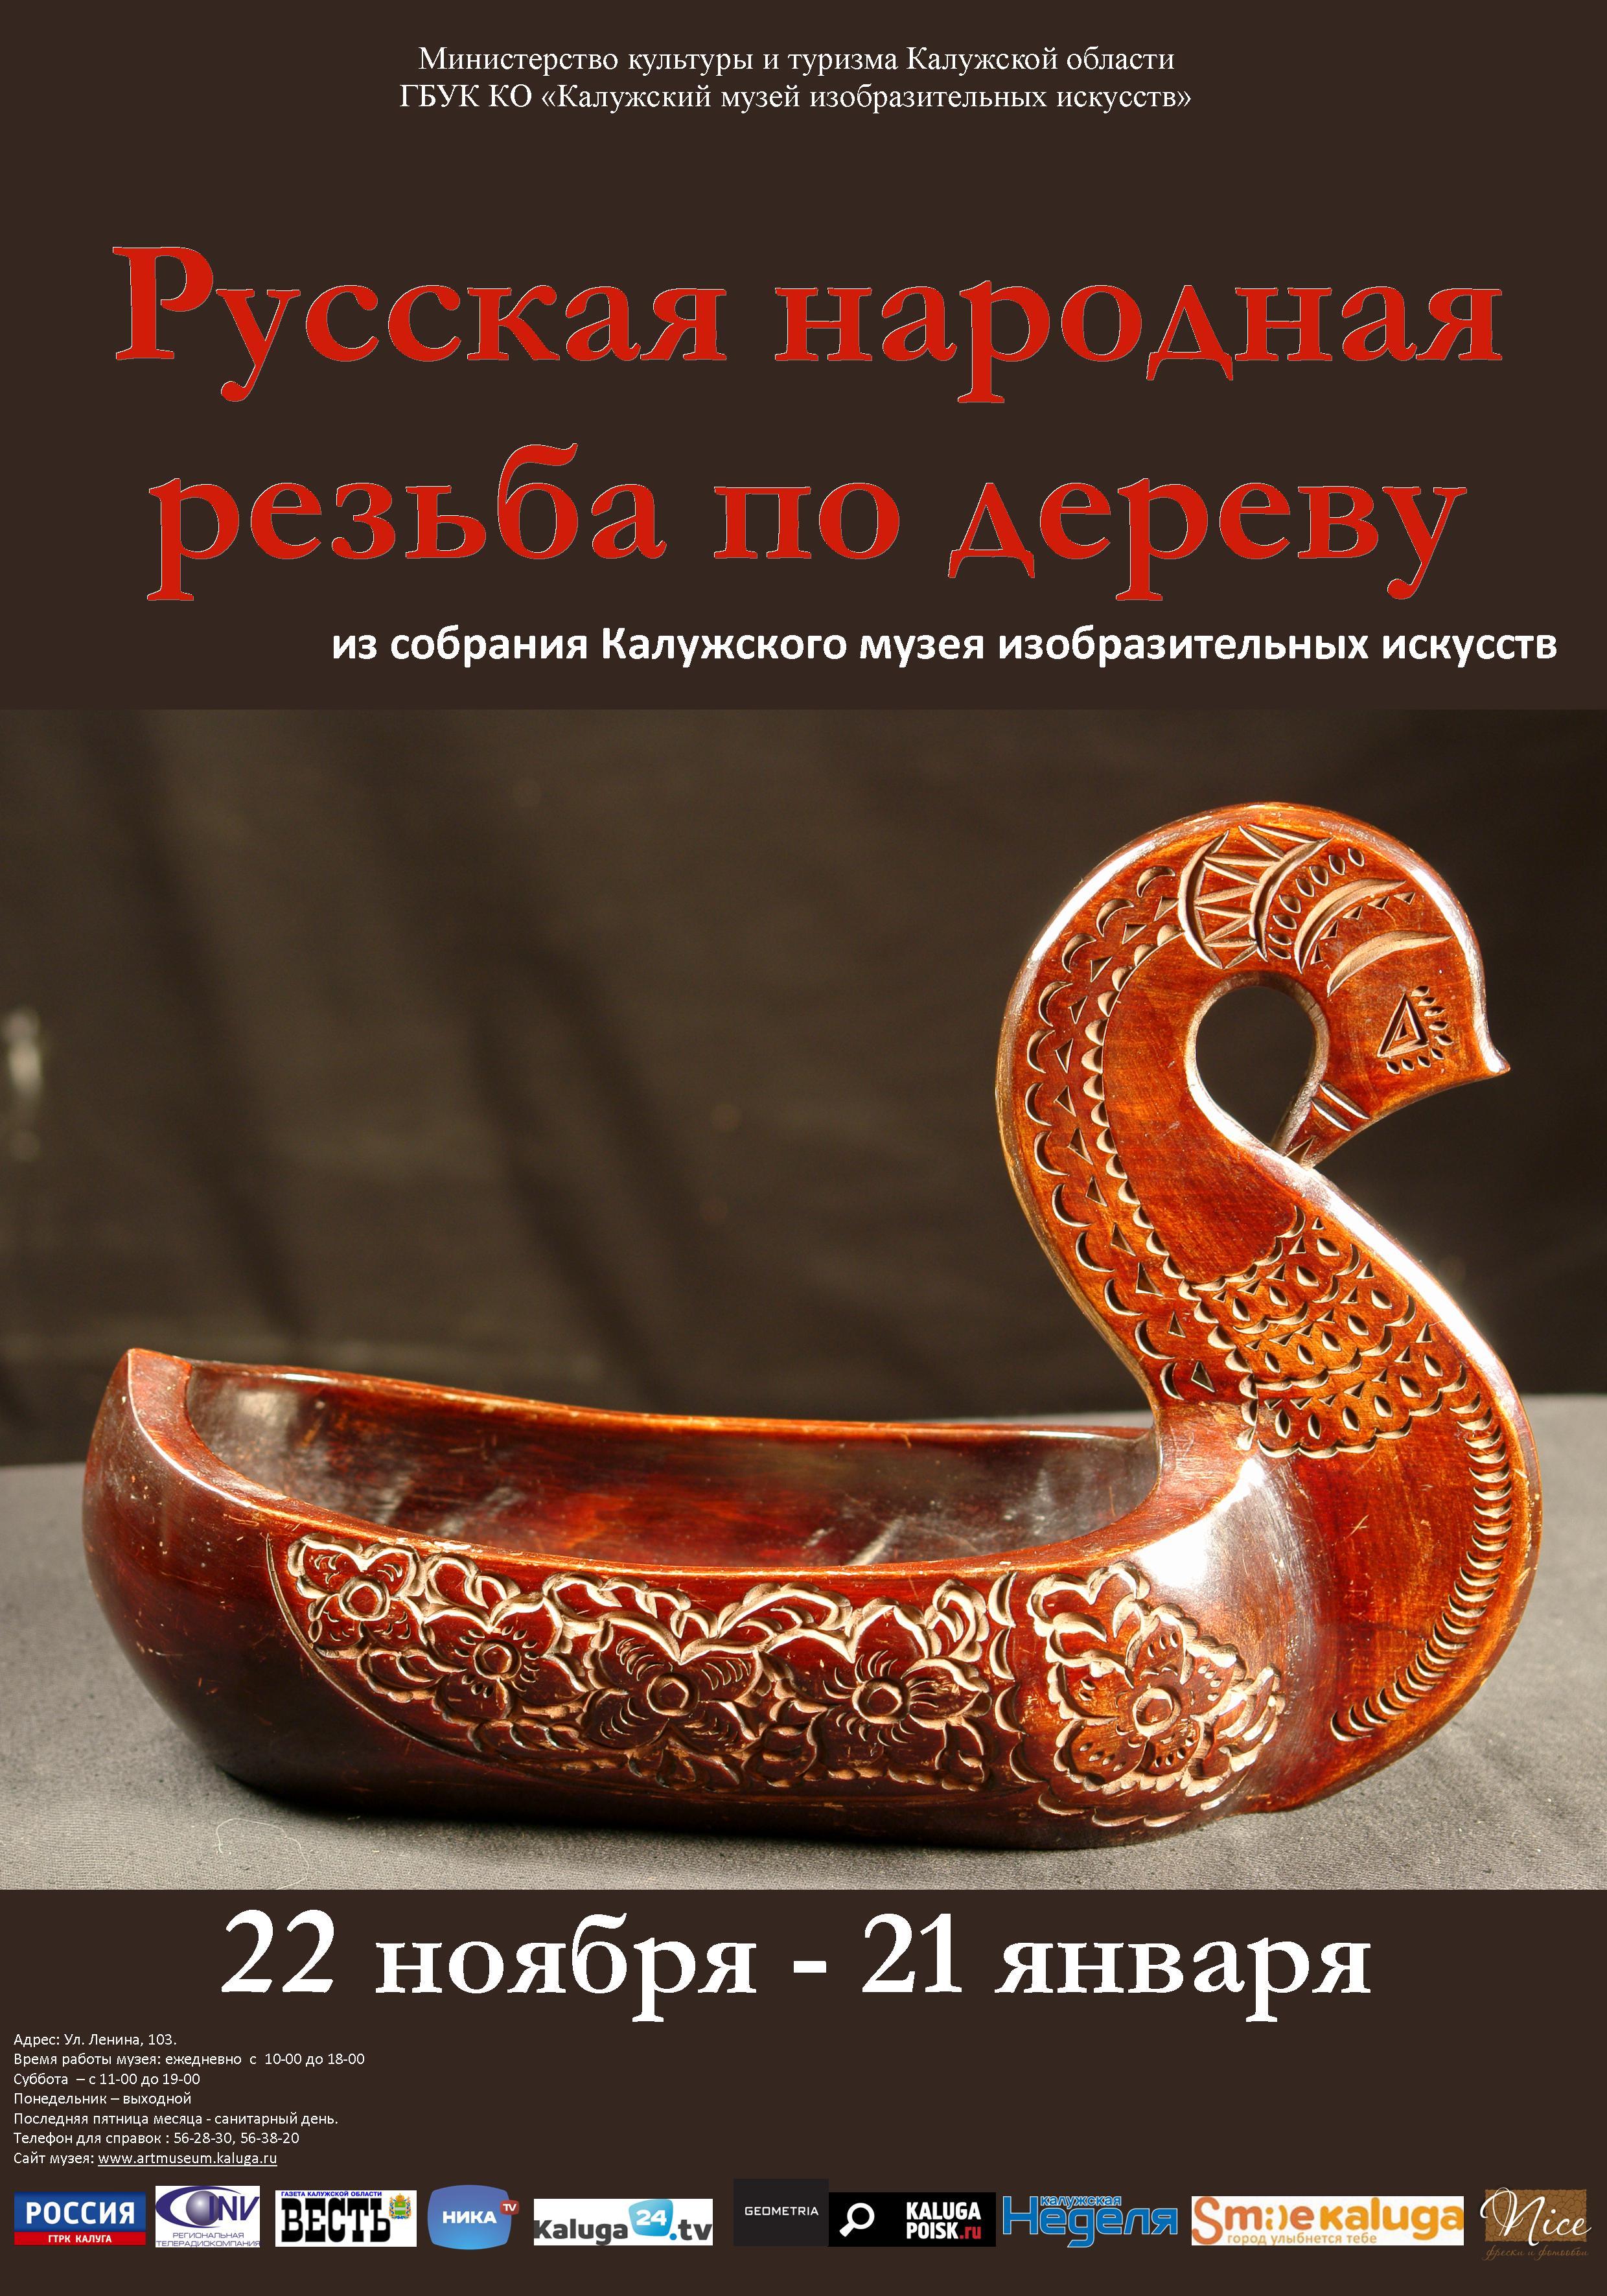 Выставка «Русская народная резьба по дереву» в КМИИ